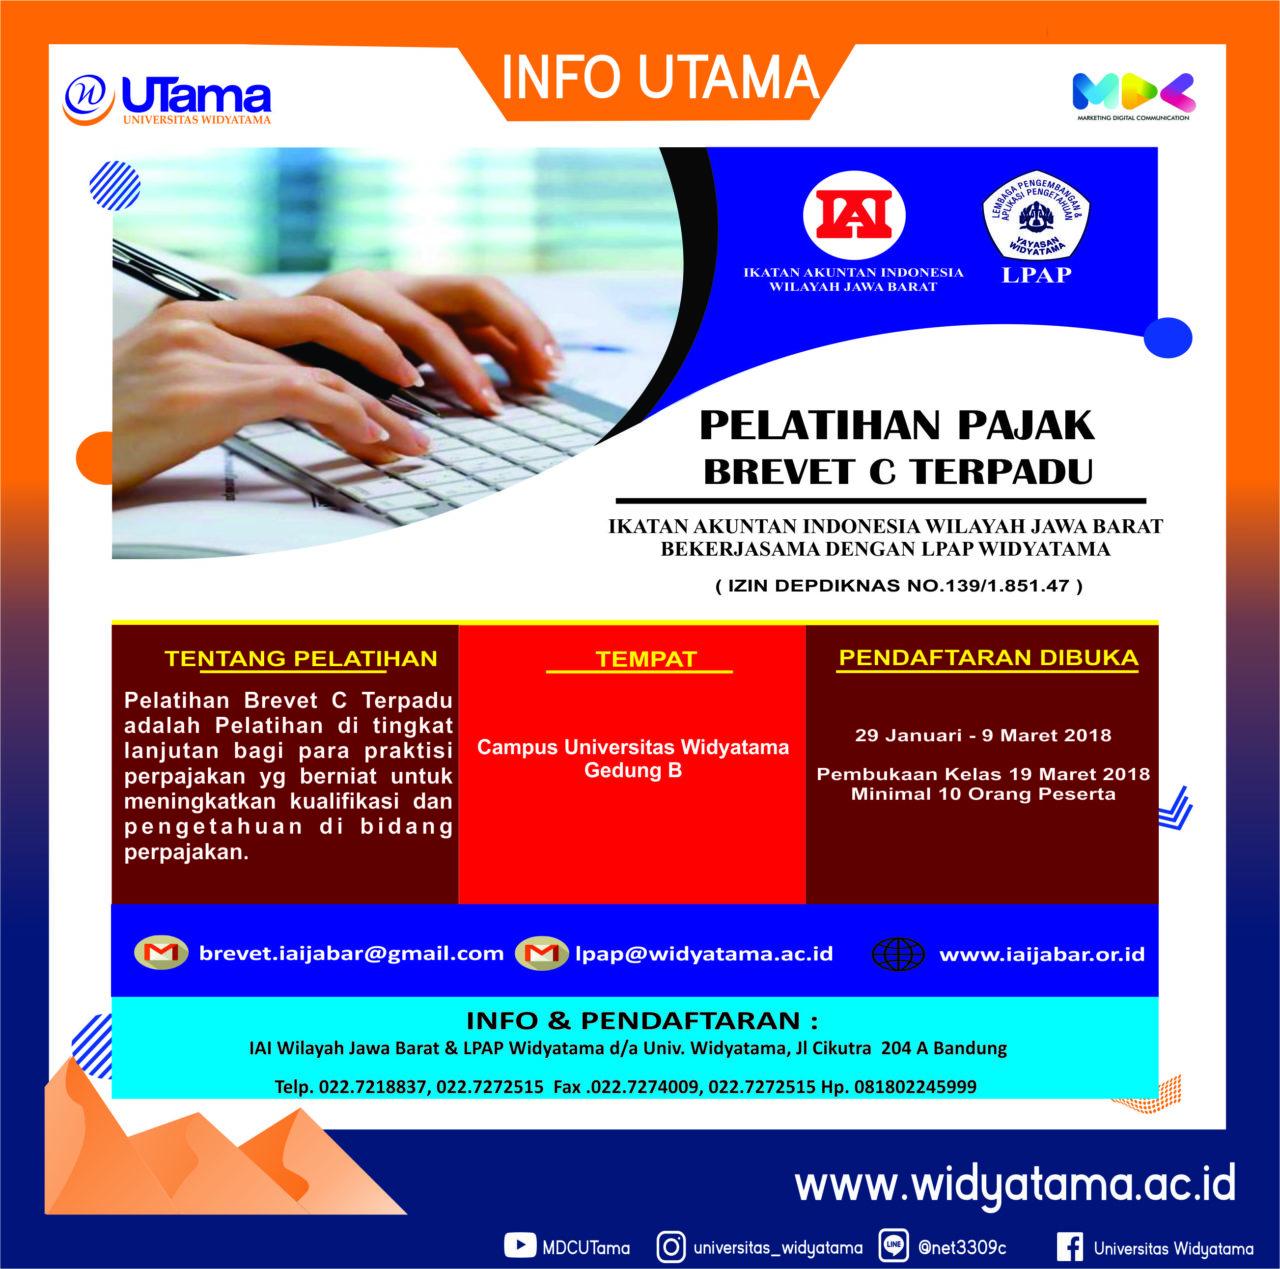 Universitas Widyatama Buka Brevet Pajak bekerjasama dengan IAI Jabar